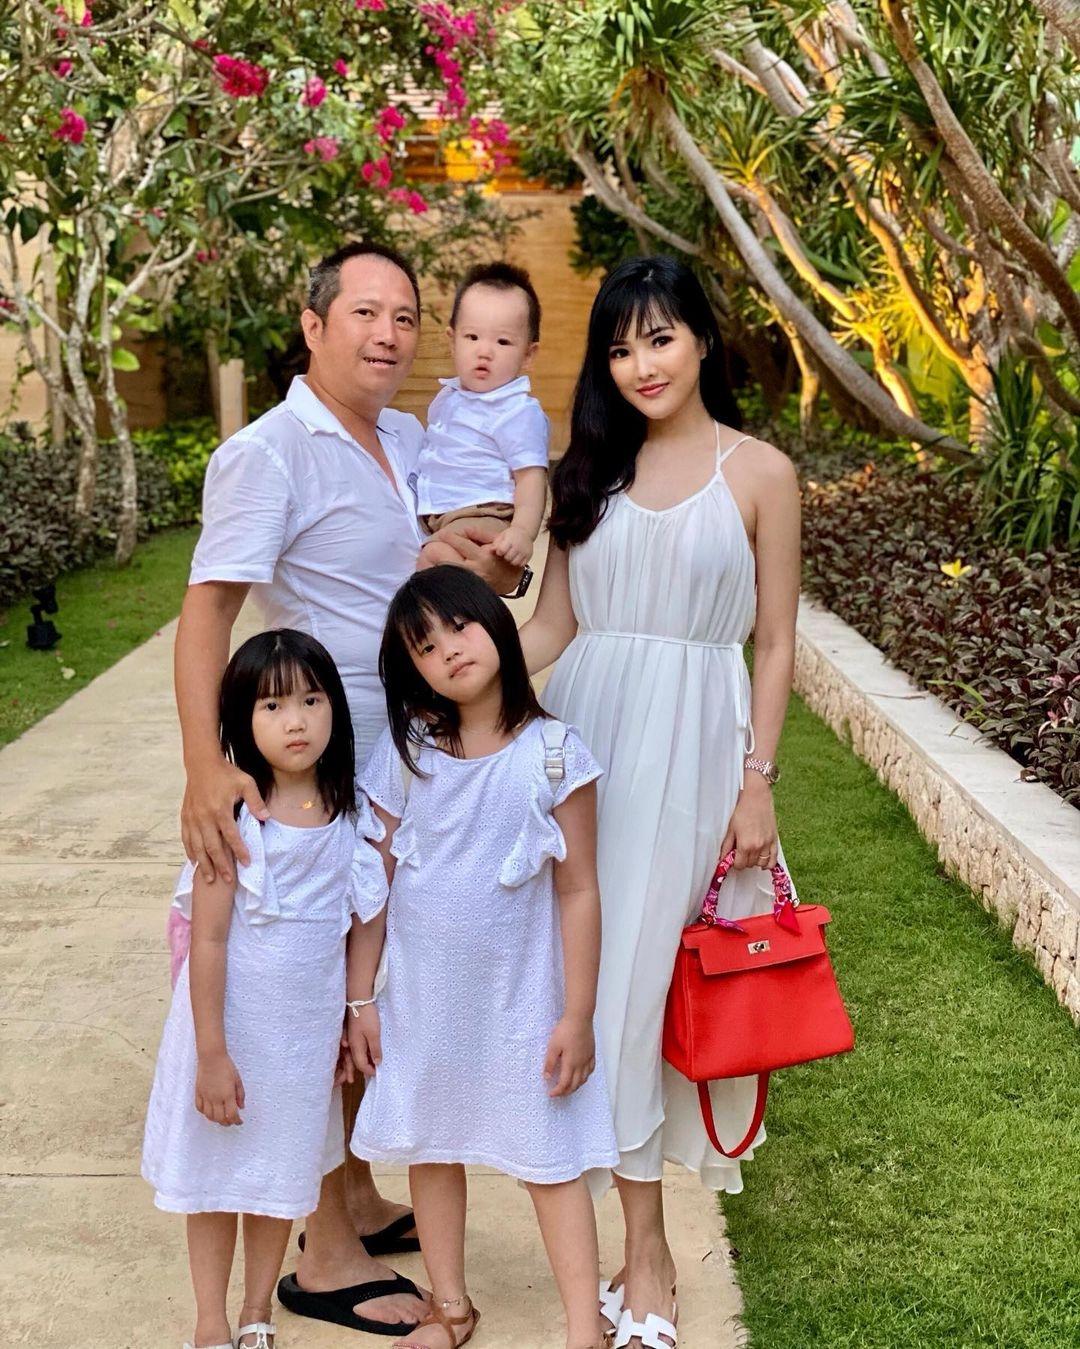 Spesial-Hari-Ibu-Bersama-9-Ratu-Kecantikan-Indonesia-Yang-Berprestasi-Dan-Membanggakan-Indonesia-Astrid-Ellena-Miss-Indonesia-2011